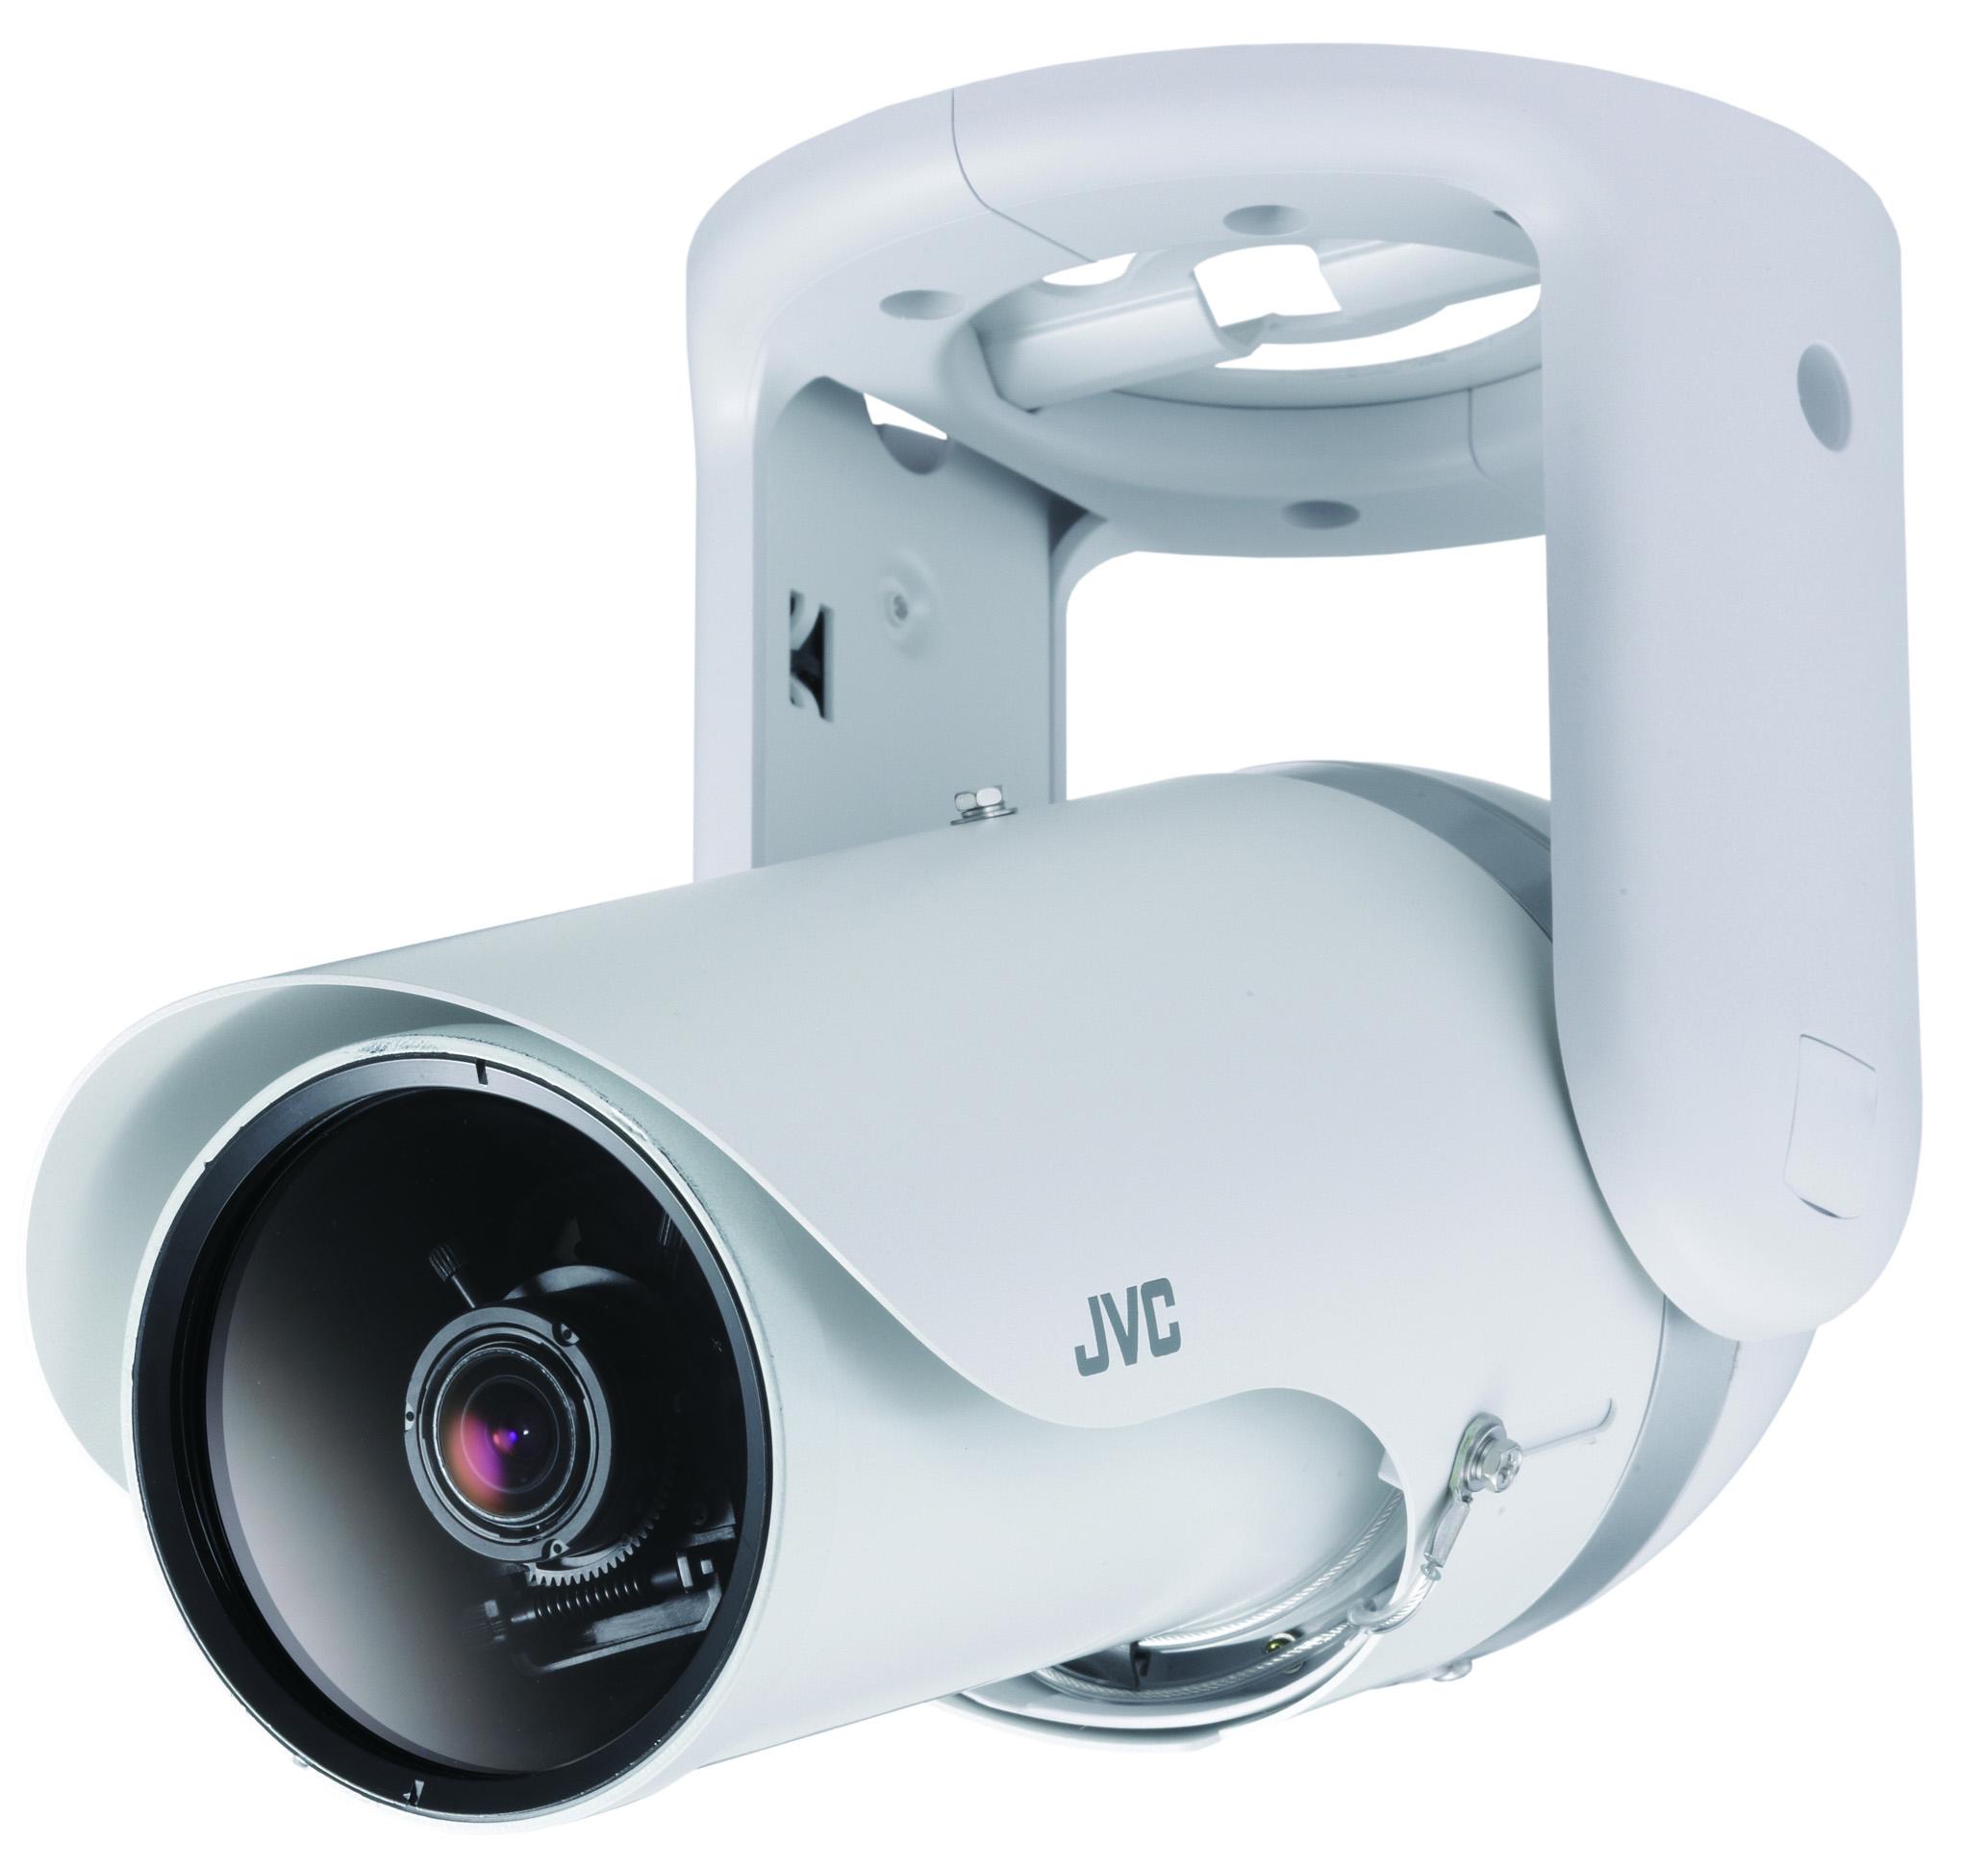 jvc news release new vn h57 series ip cameras deliver. Black Bedroom Furniture Sets. Home Design Ideas